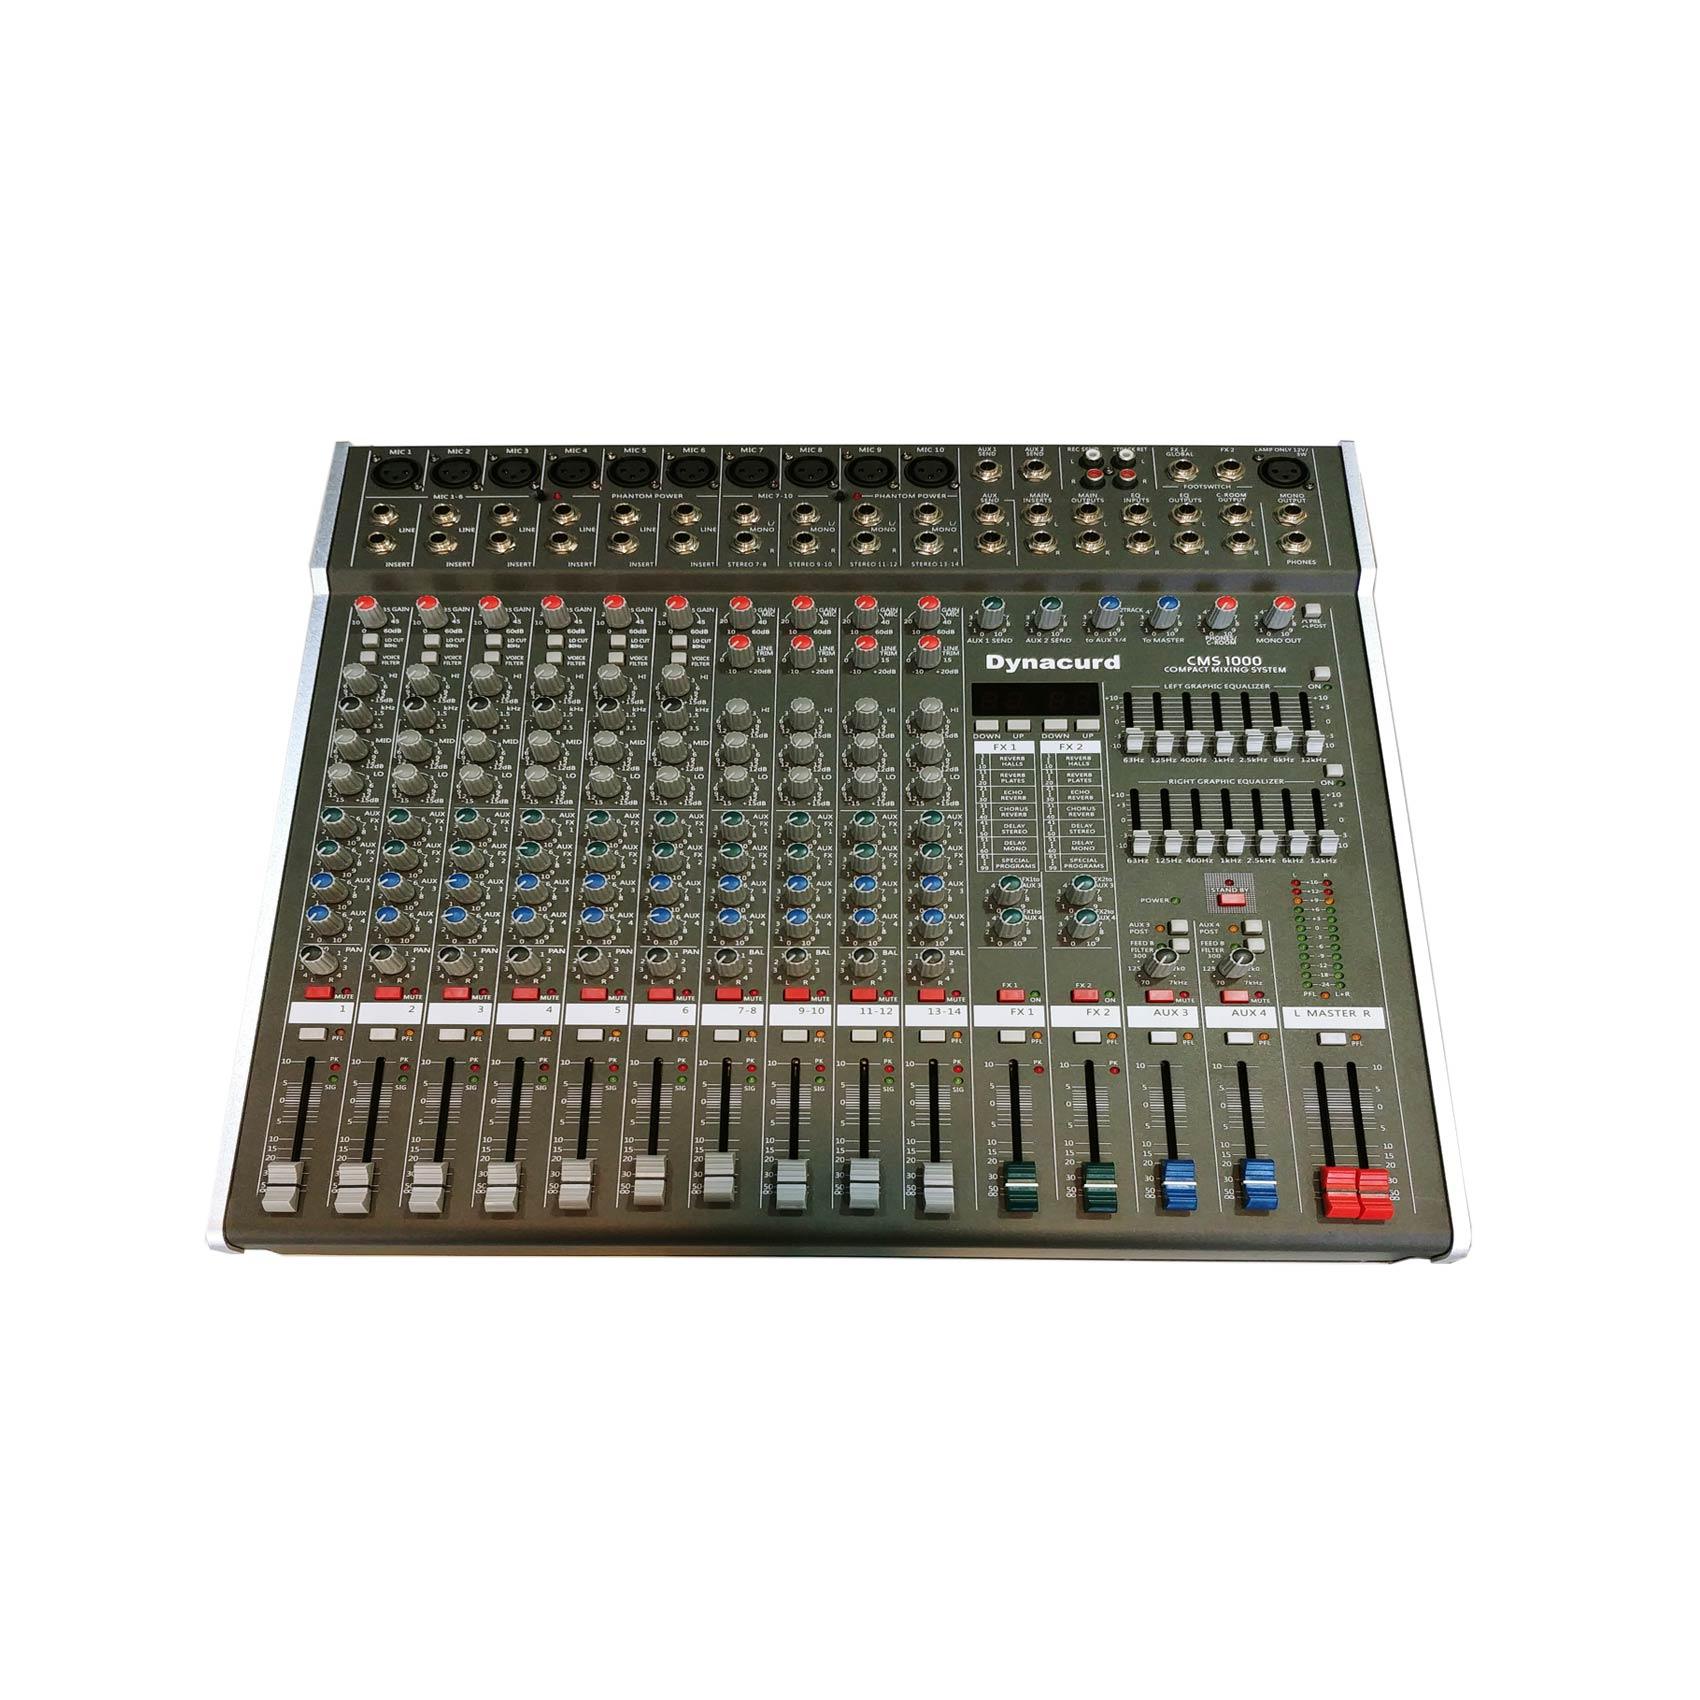 میکسر دایناکورد تایوان مدلCMS1000 | DynacurdCMS1000 Mixer